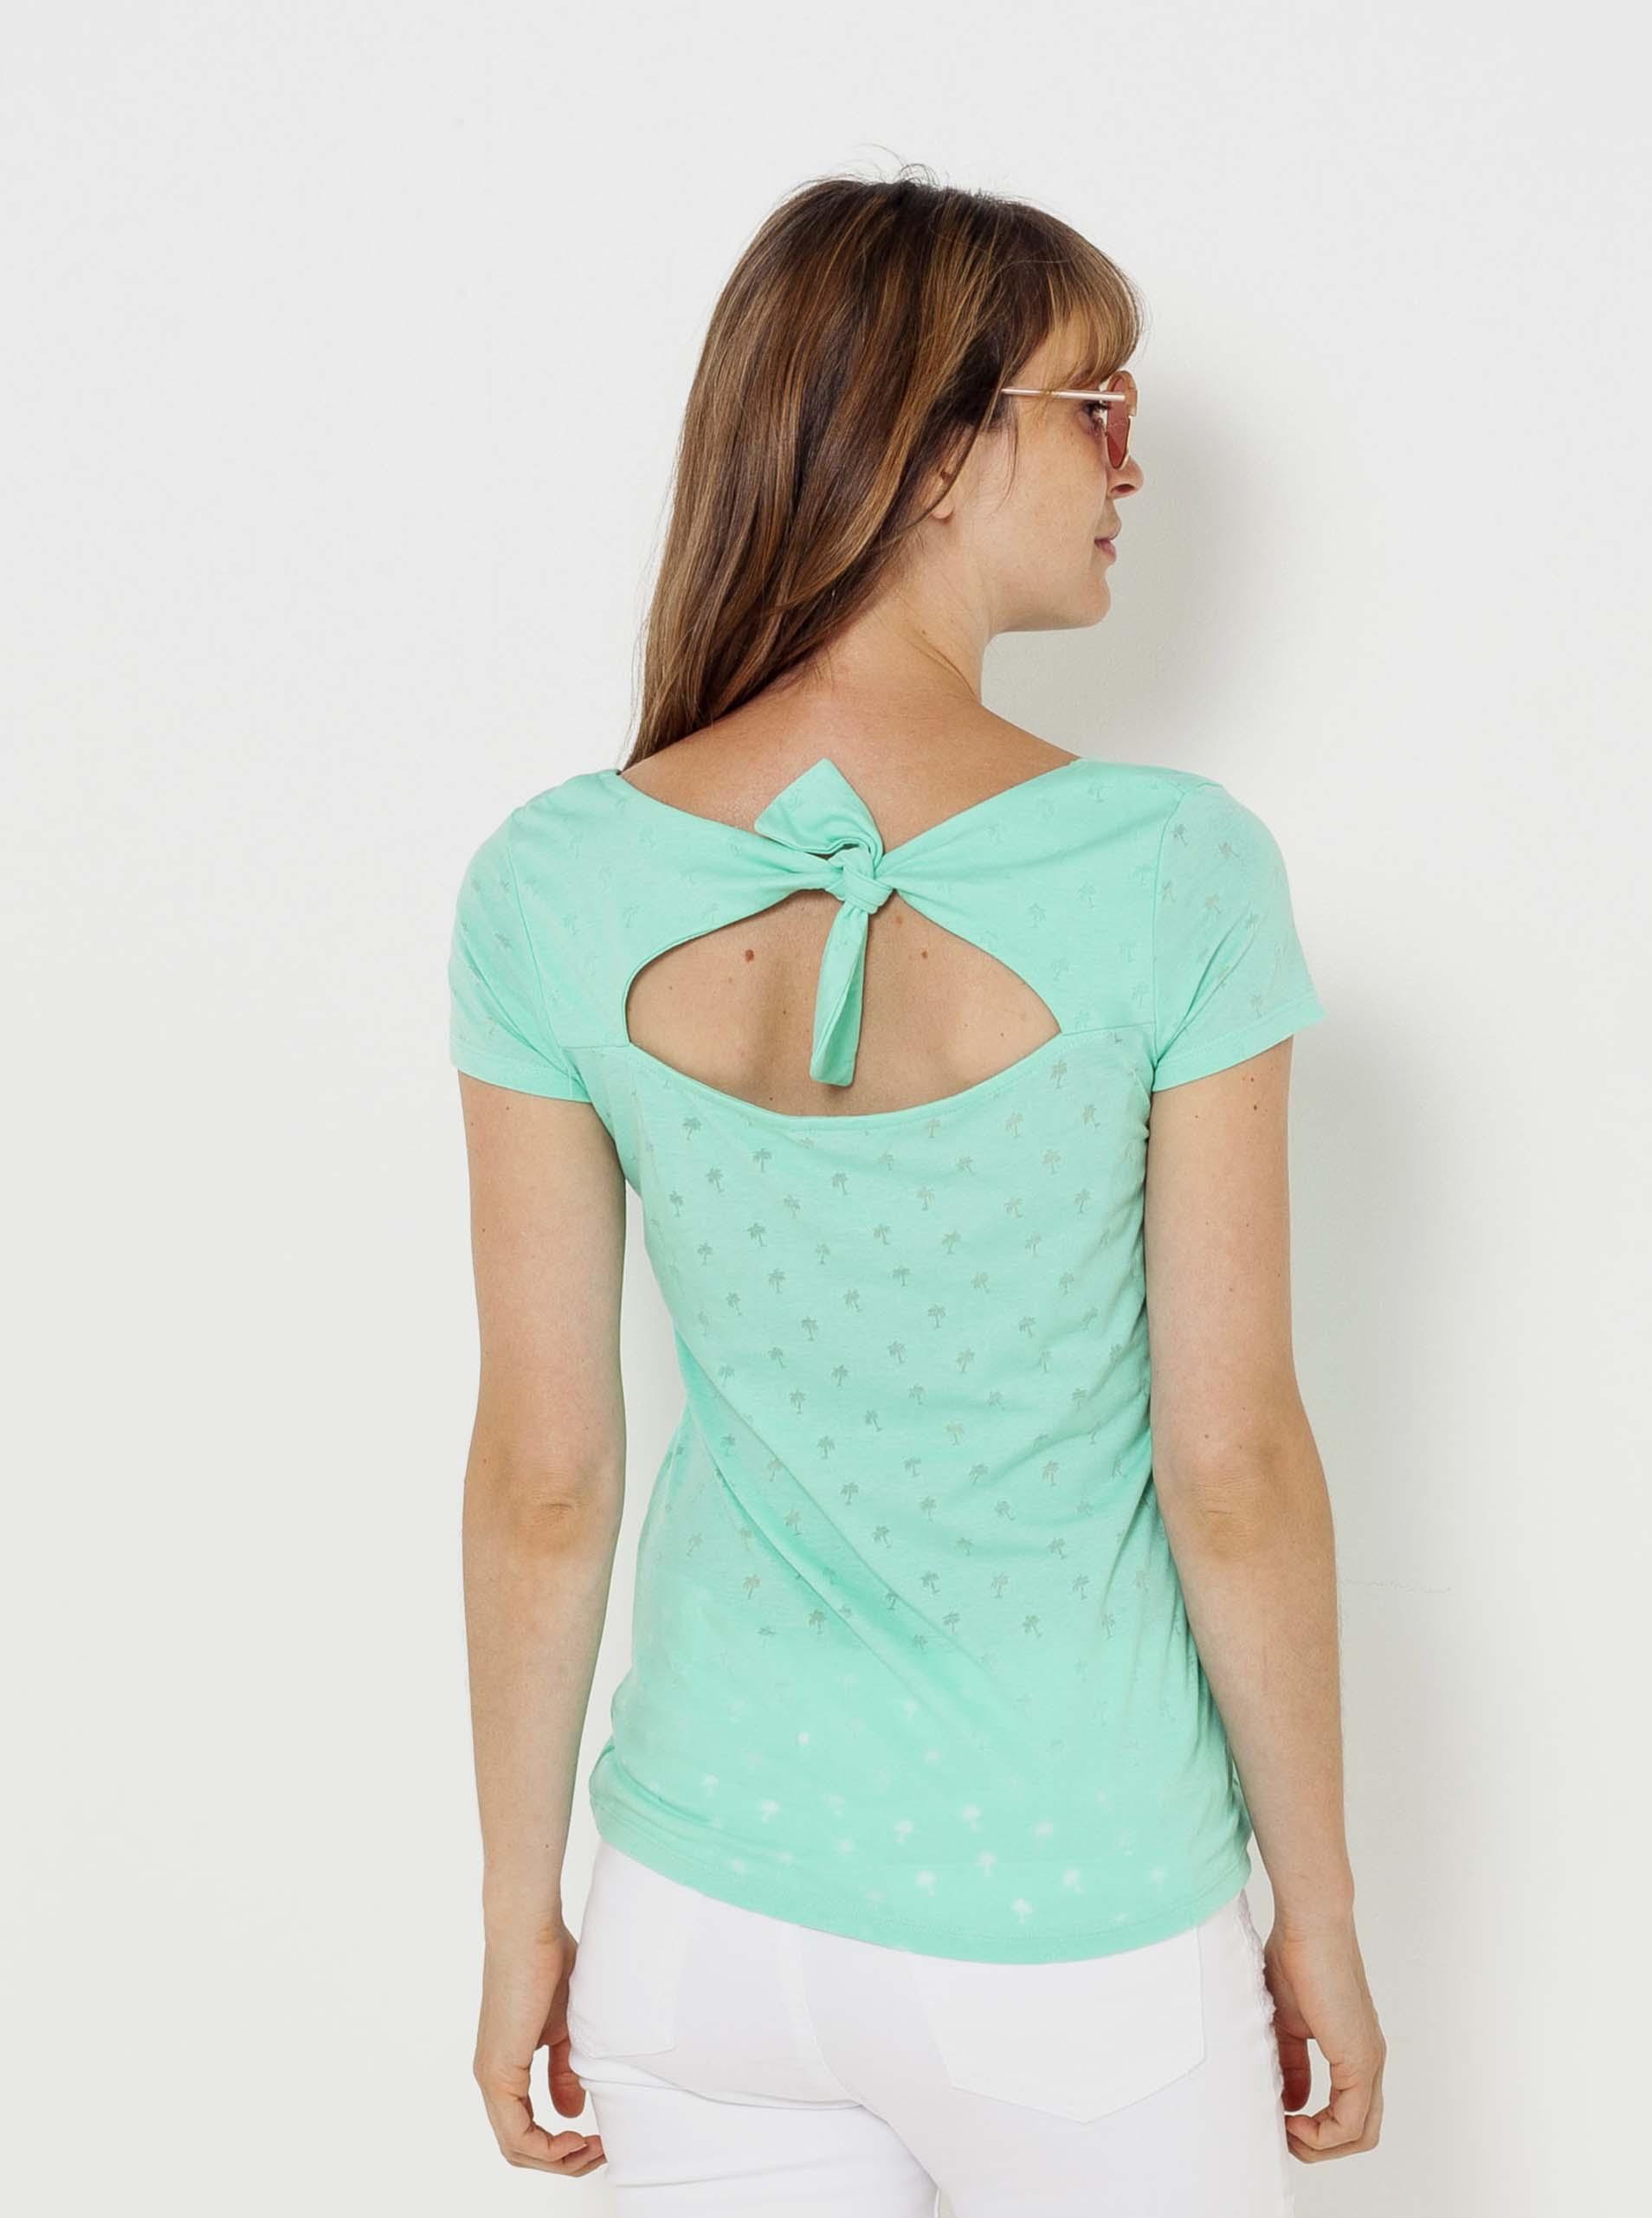 CAMAIEU turkusowy koszulka z wzorem